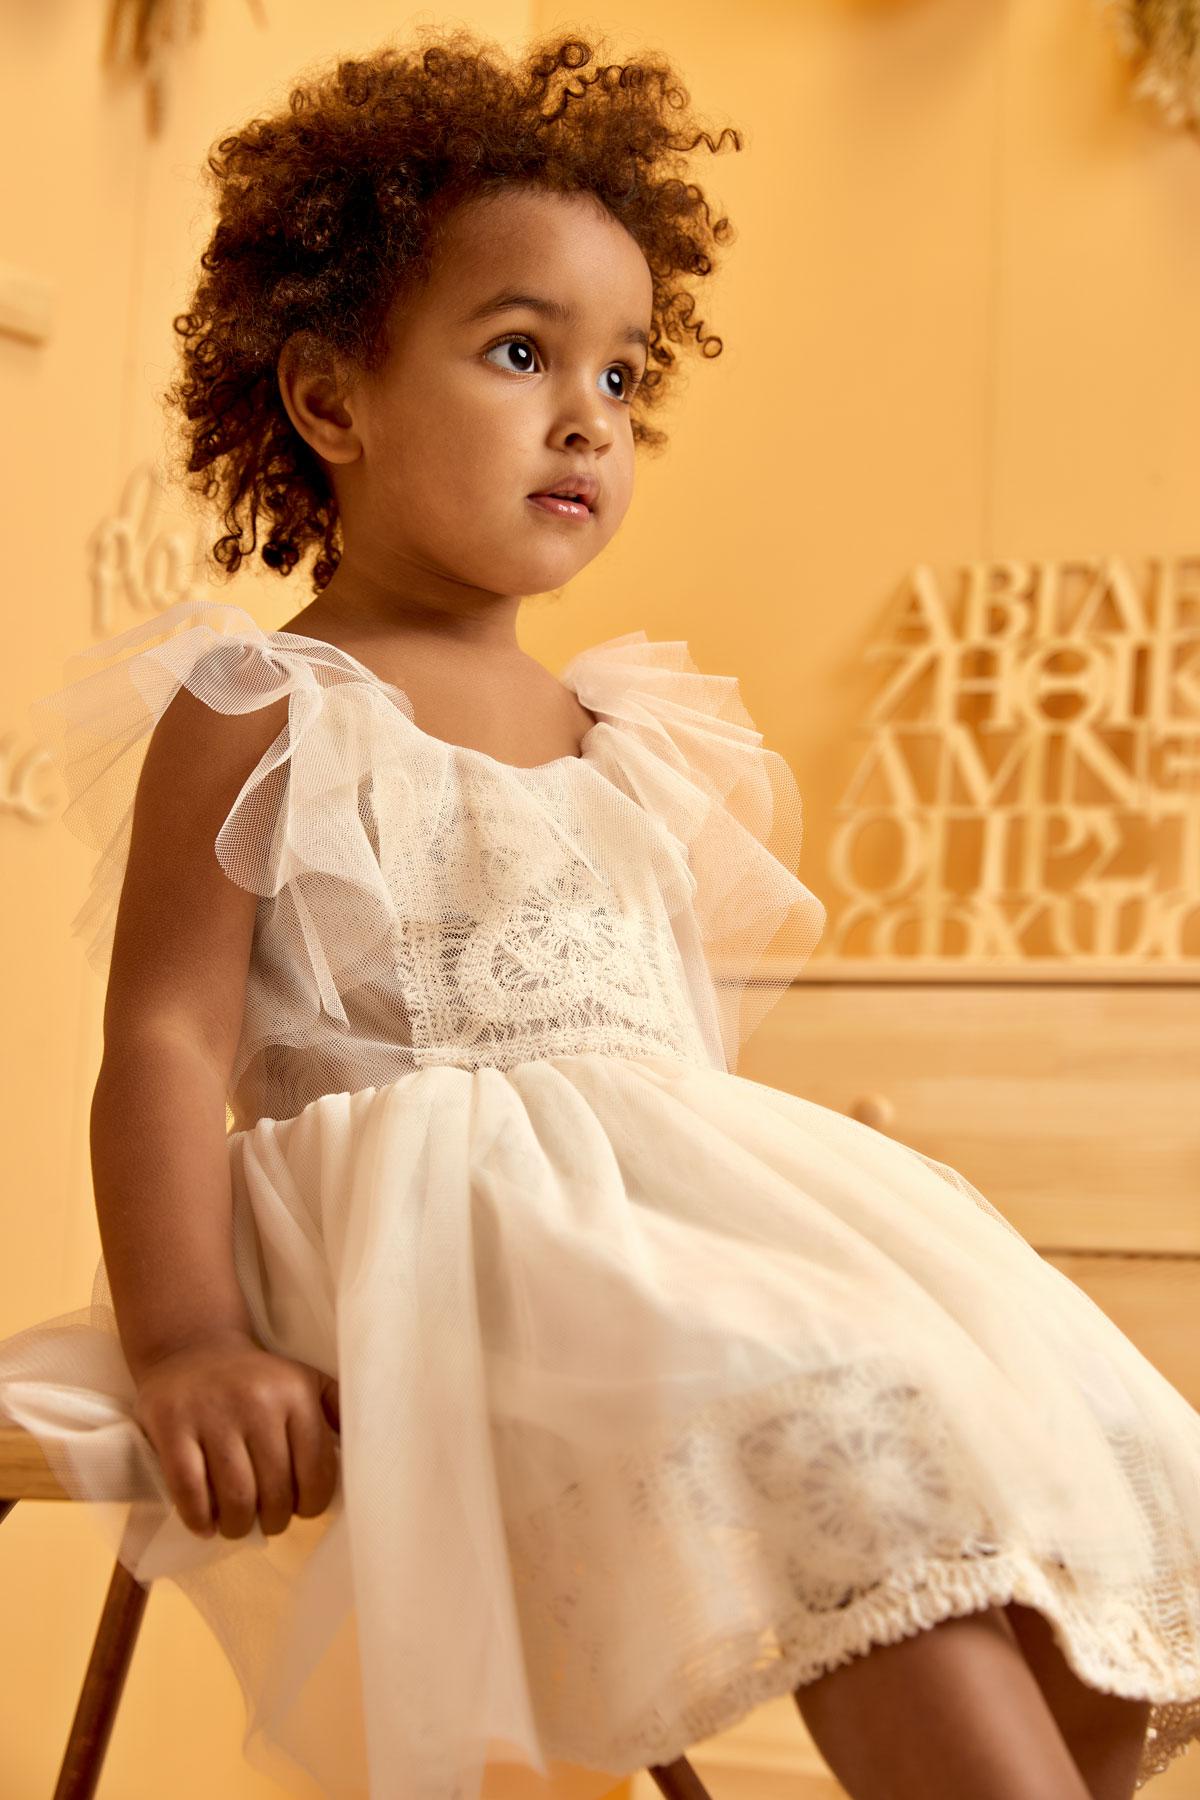 Βαπτιστικό φόρεμα εκρού με τετράγωνη δαντέλα και τούλινο βολάν στους ώμους